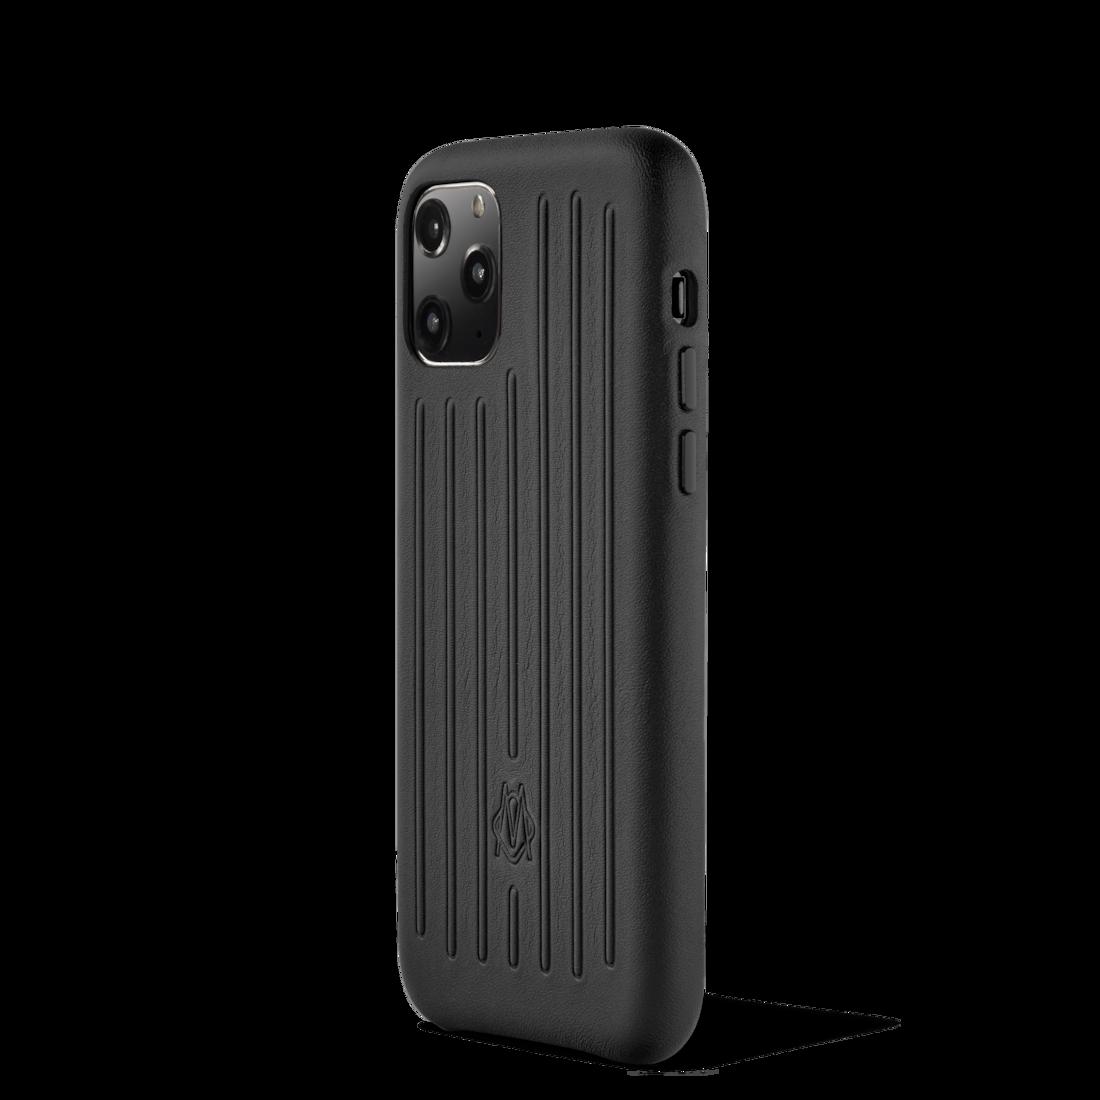 Coque pour iPhone 11 Pro en cuir | Noir | RIMOWA